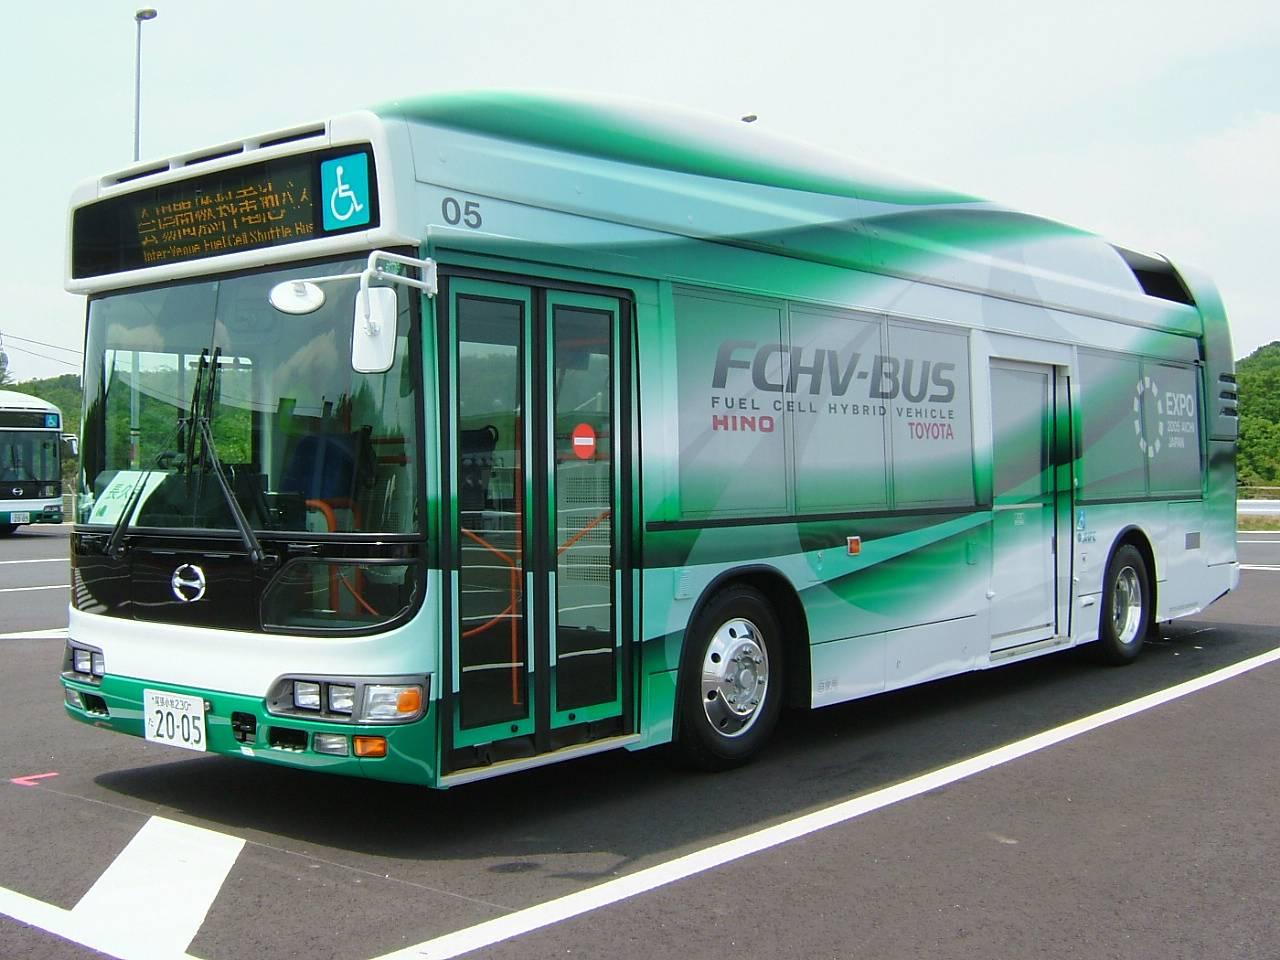 「低床式バス」の発車時刻に関する車椅子ユーザーの憂鬱